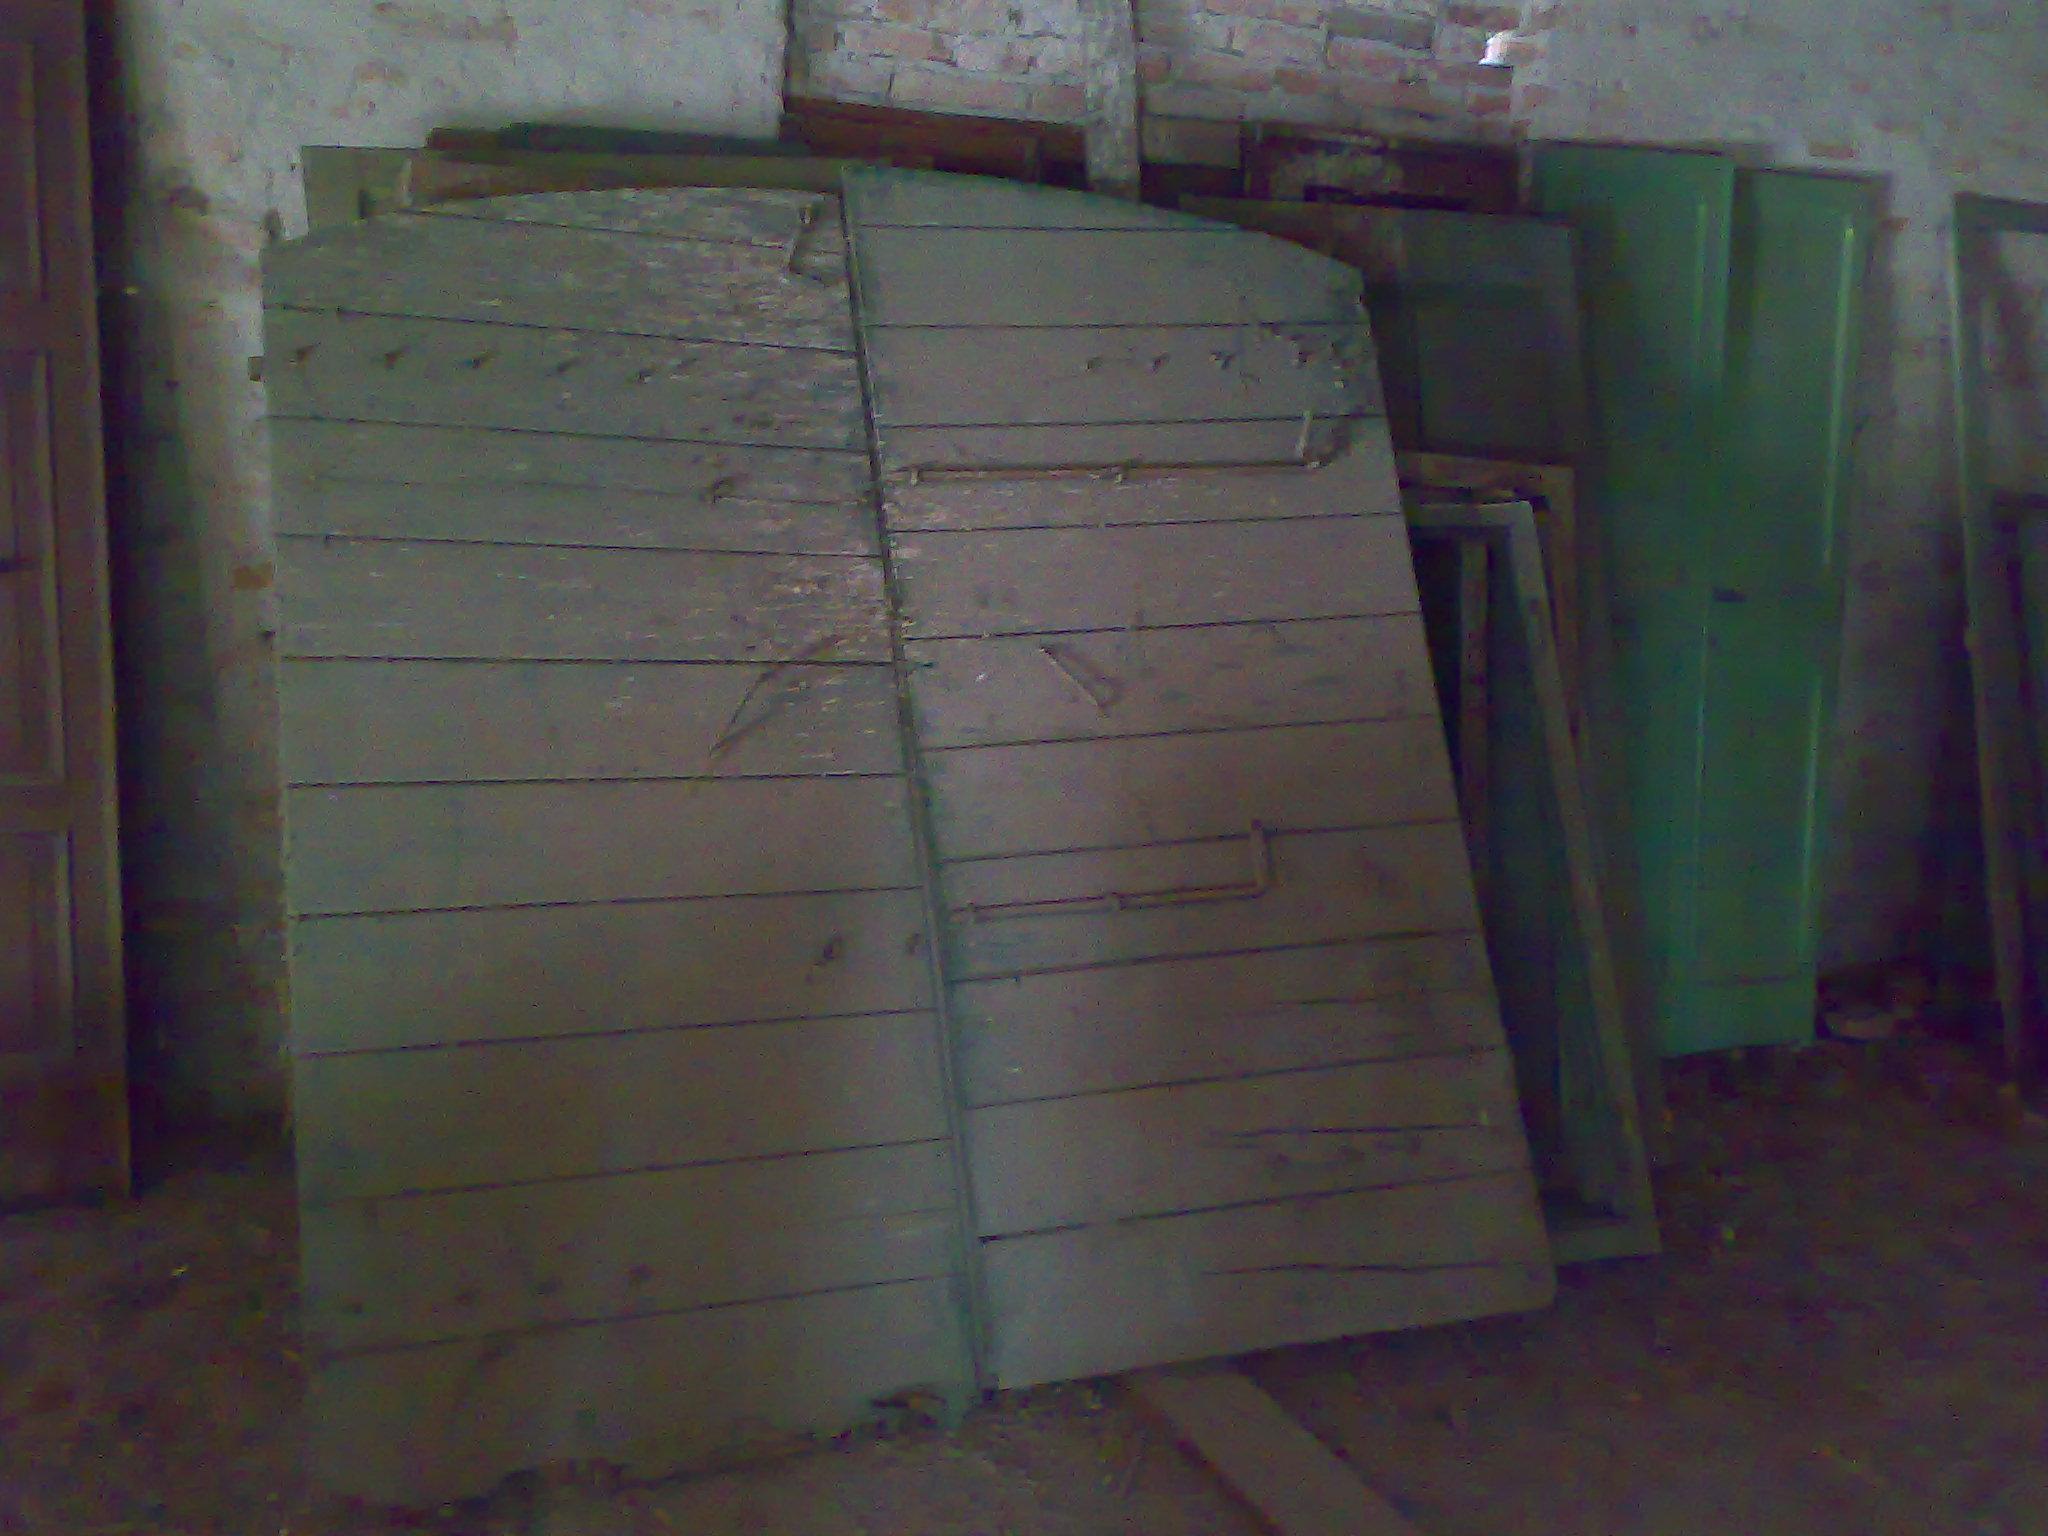 Restaurare il legno - Restaurare un mobile in legno ...